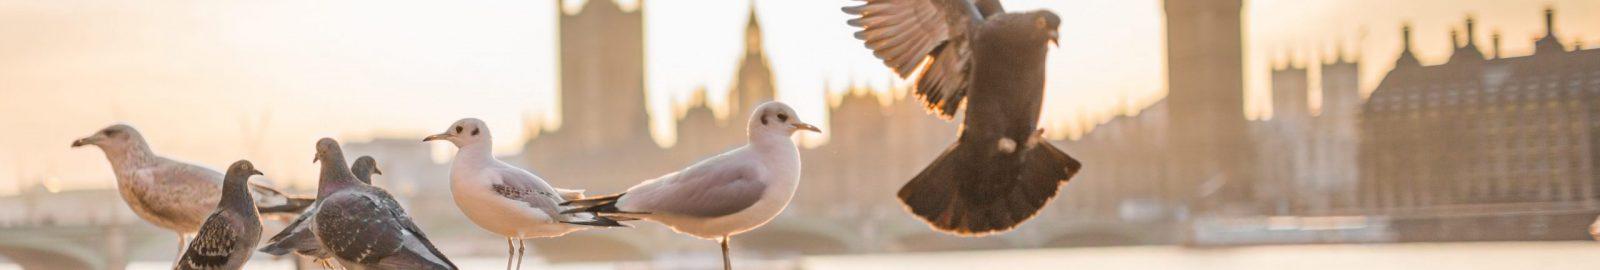 banniere_pigeons